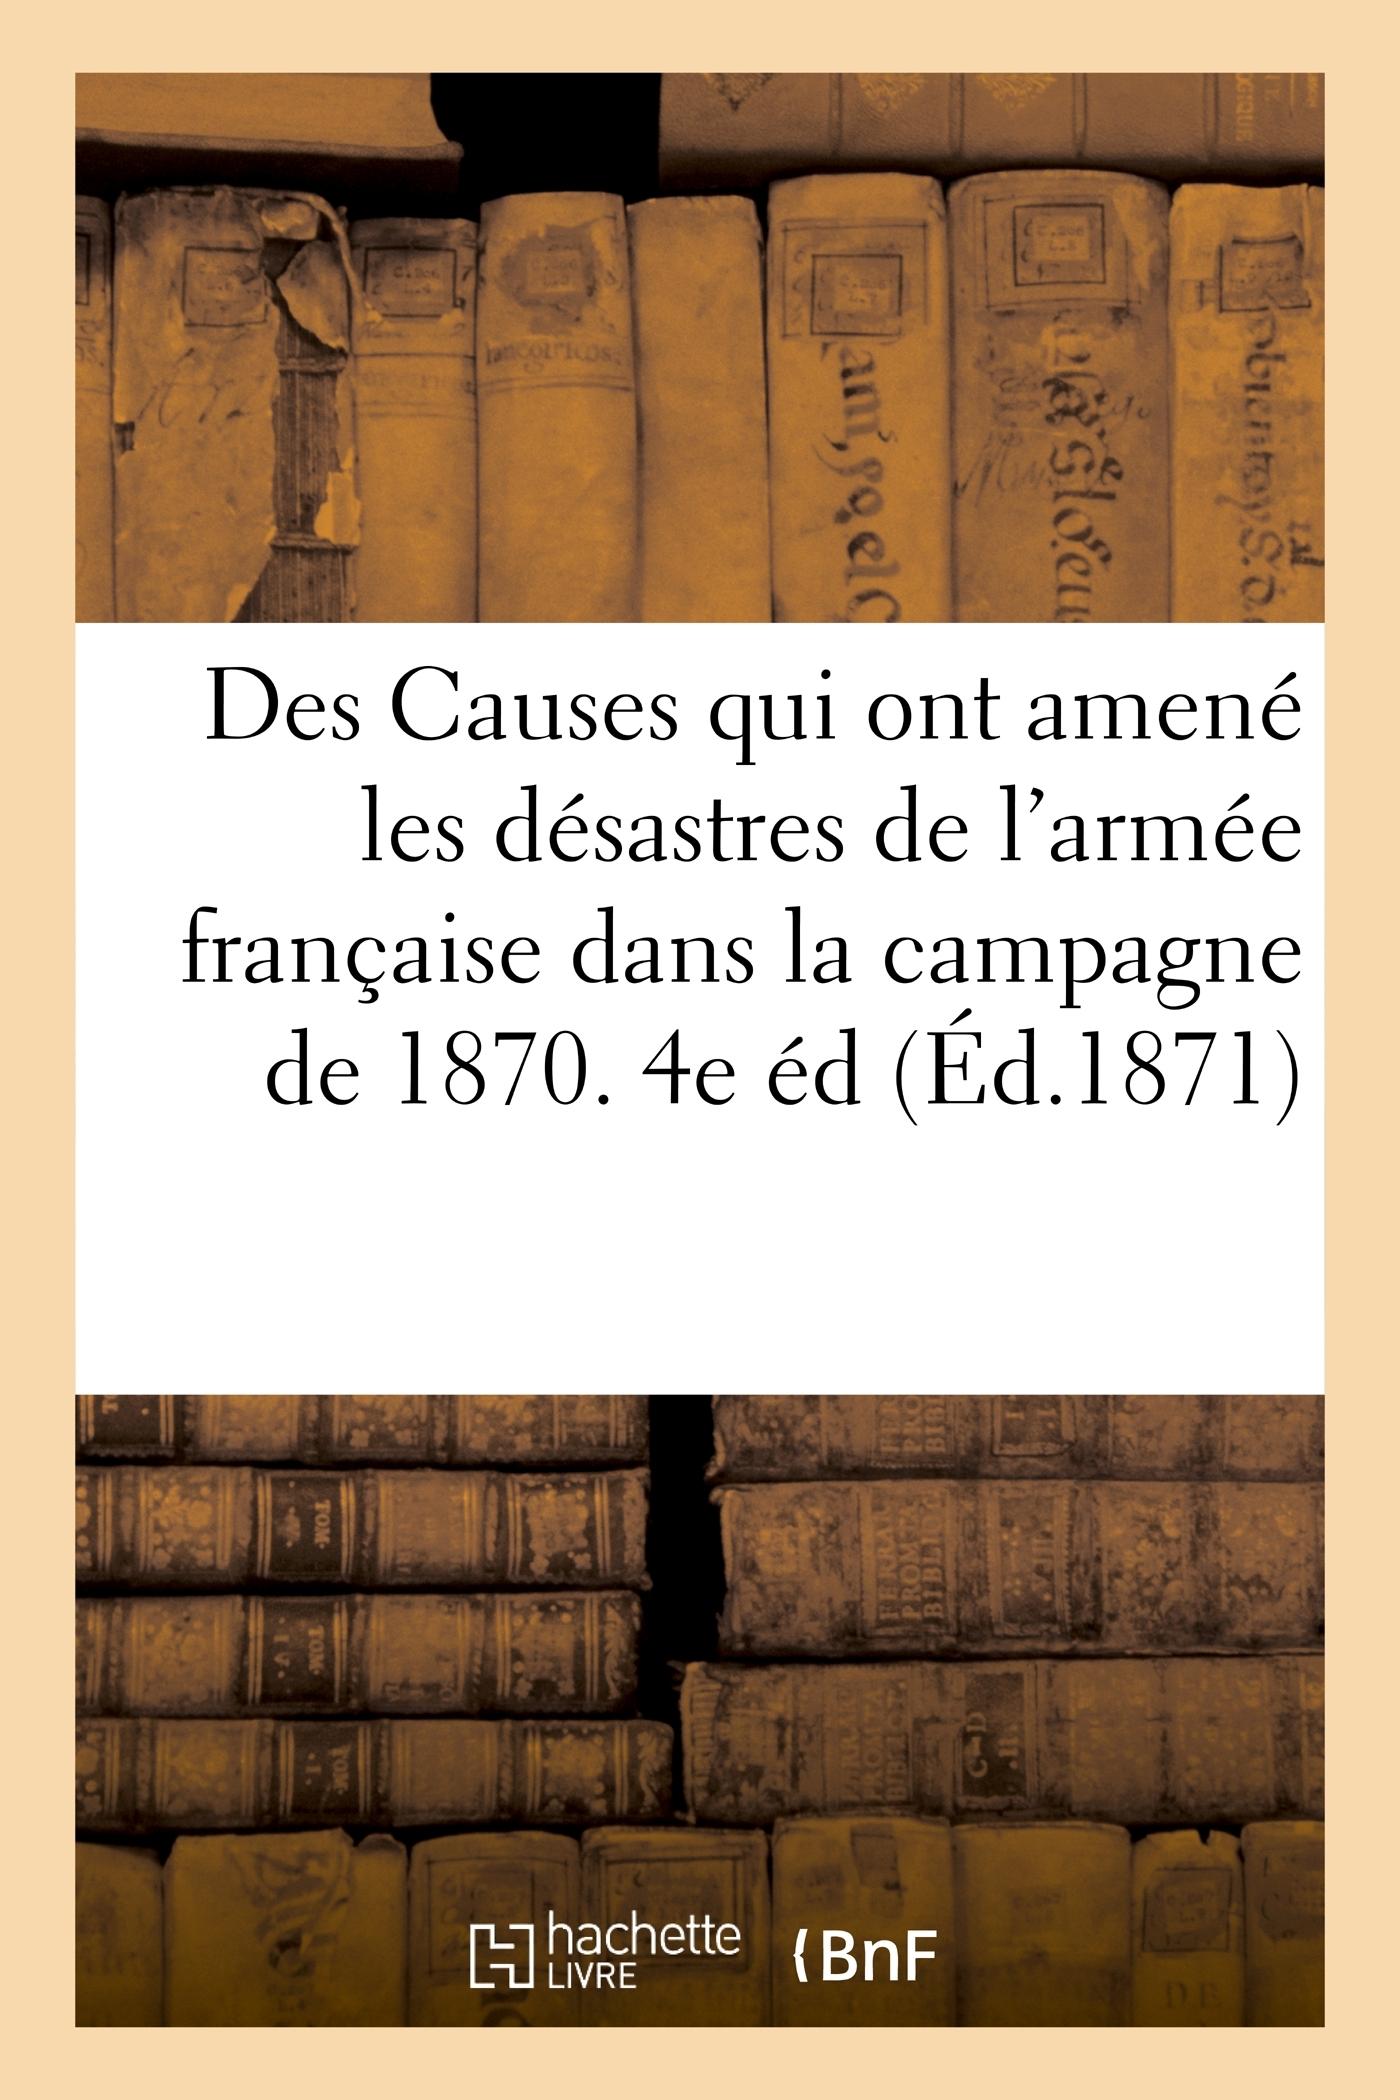 DES CAUSES QUI ONT AMENE LES DESASTRES DE L'ARMEE FRANCAISE DANS LA CAMPAGNE DE 1870. 4E EDITION